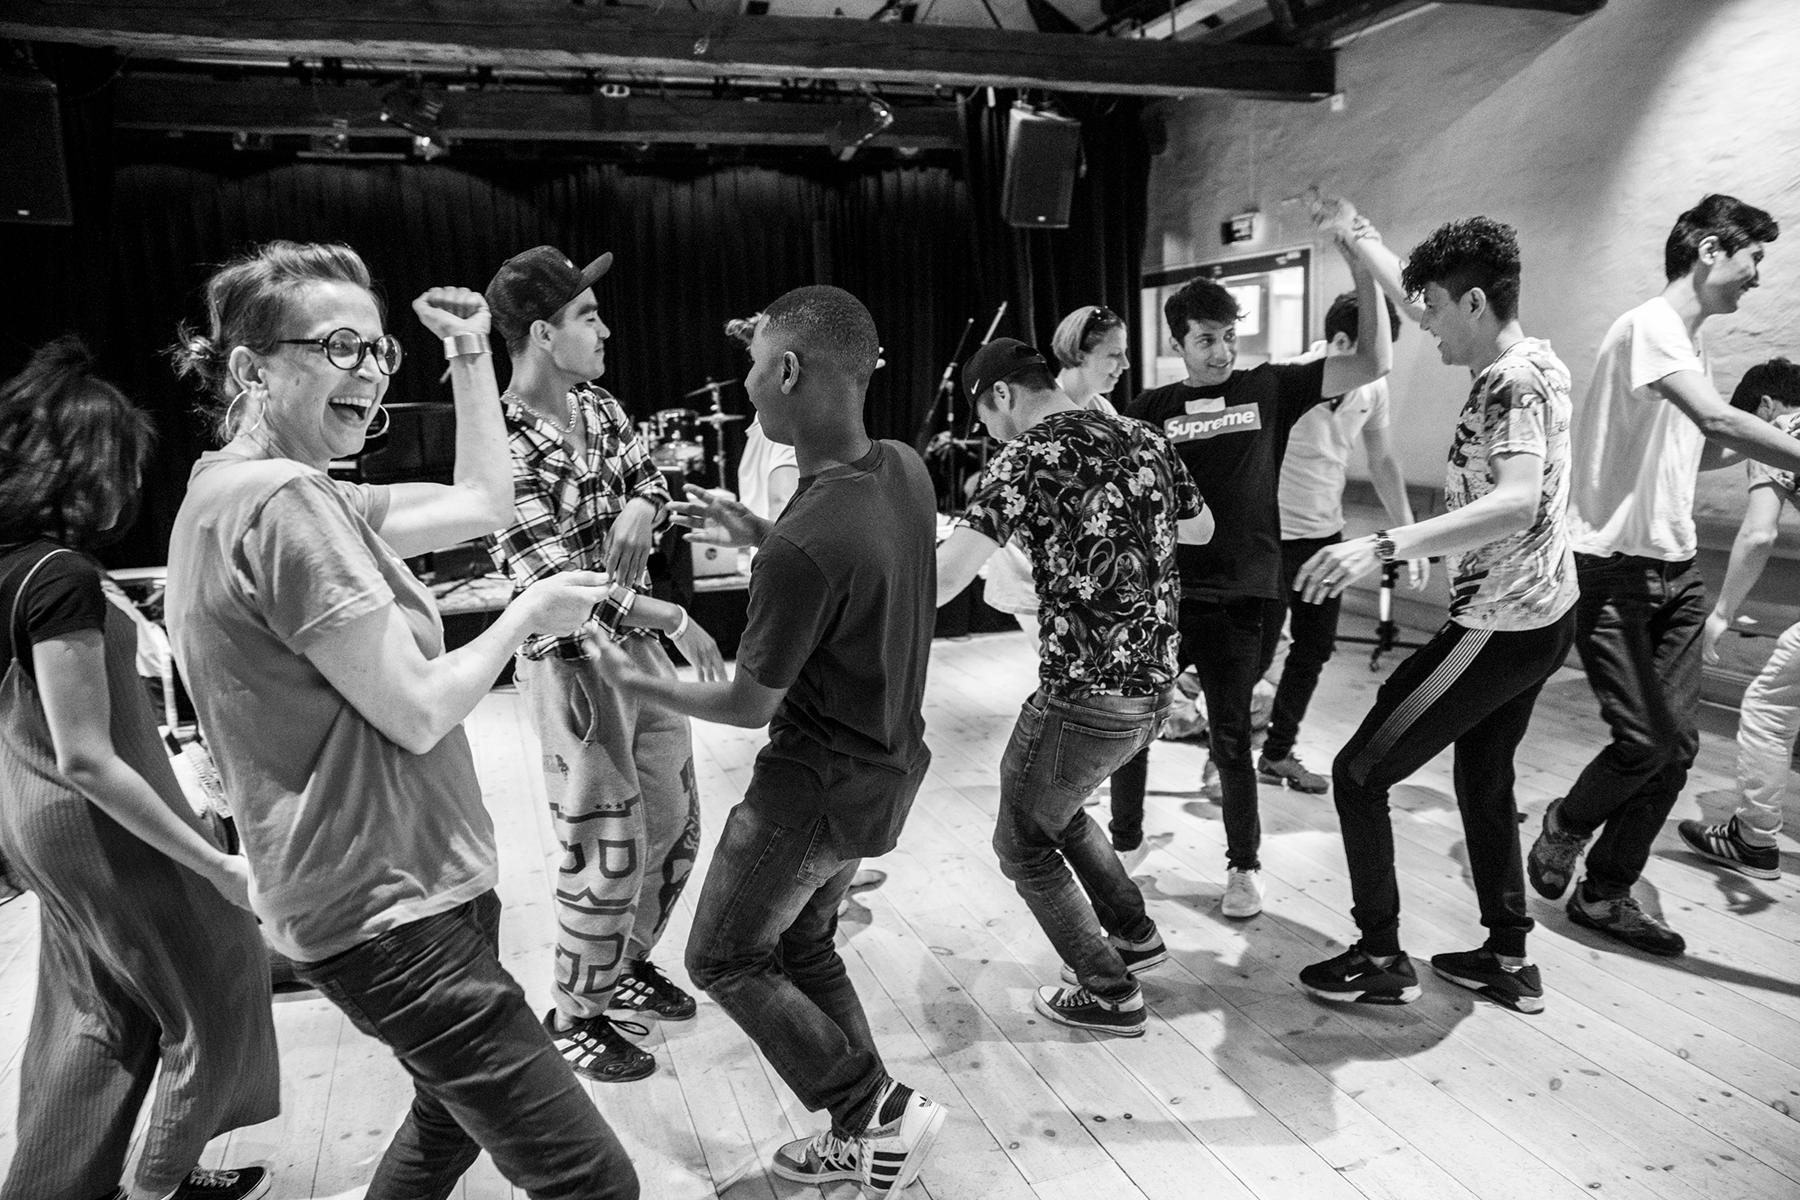 Arvsfondsprojektet Songlines vill att ungdomar ska känna sig välkomna och få möjligheten att uttrycka sig med kultur och musik.